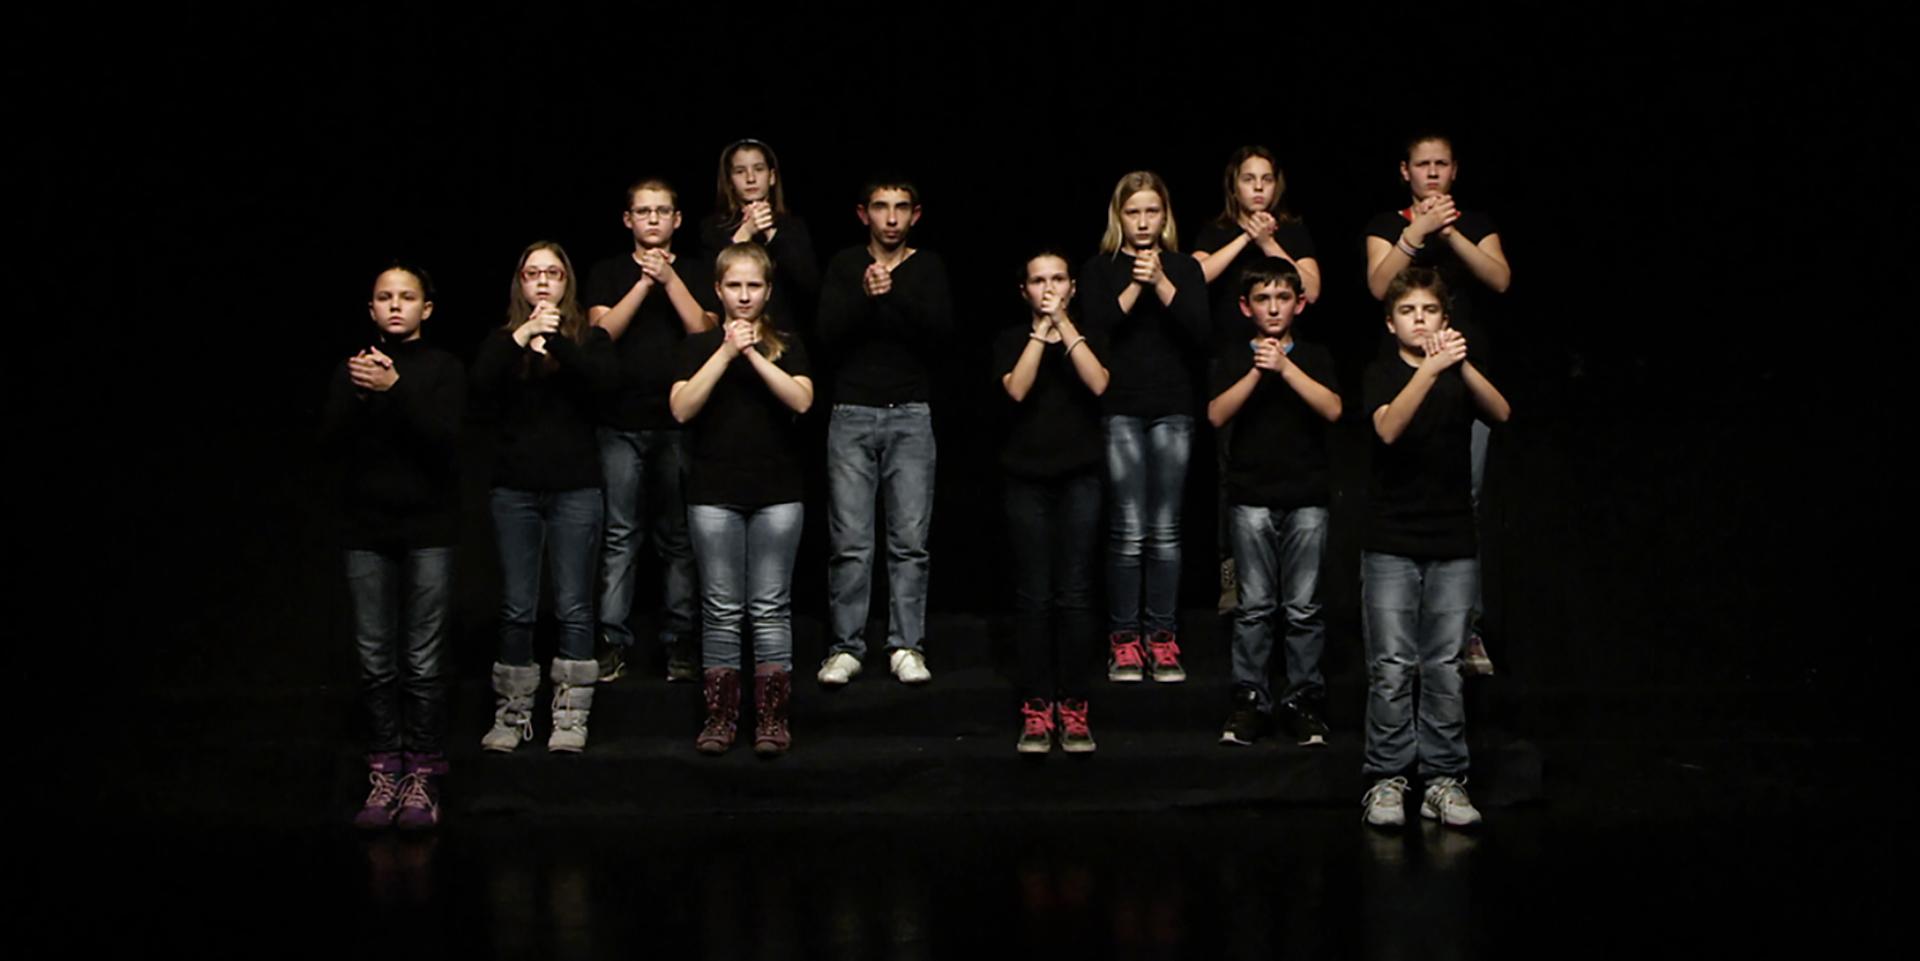 Ana Adamović,  <i>Two Choirs</i>, 2013-14. Still de vídeo. Cortesia da artista